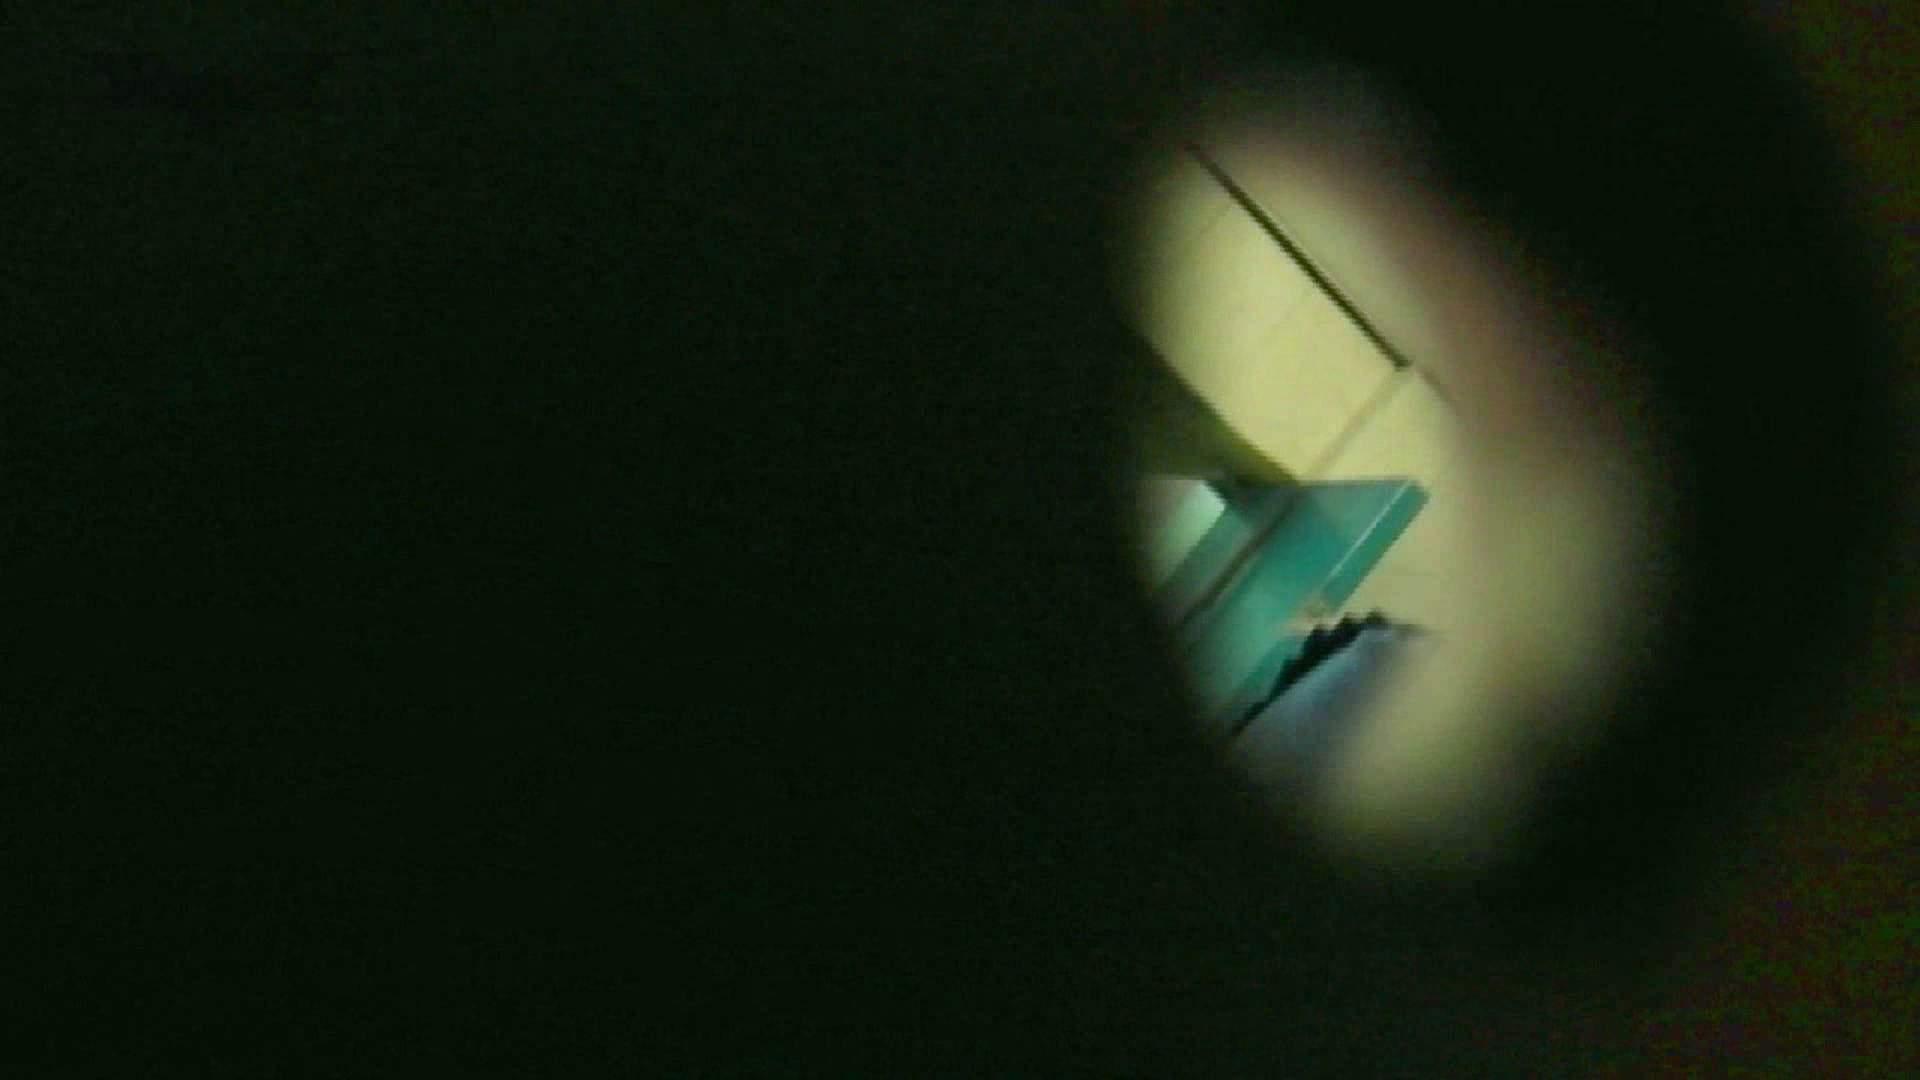 ステーション編 vol.29 頭二つ飛び出る180cm長身モデル 洗面所シーン  94画像 45